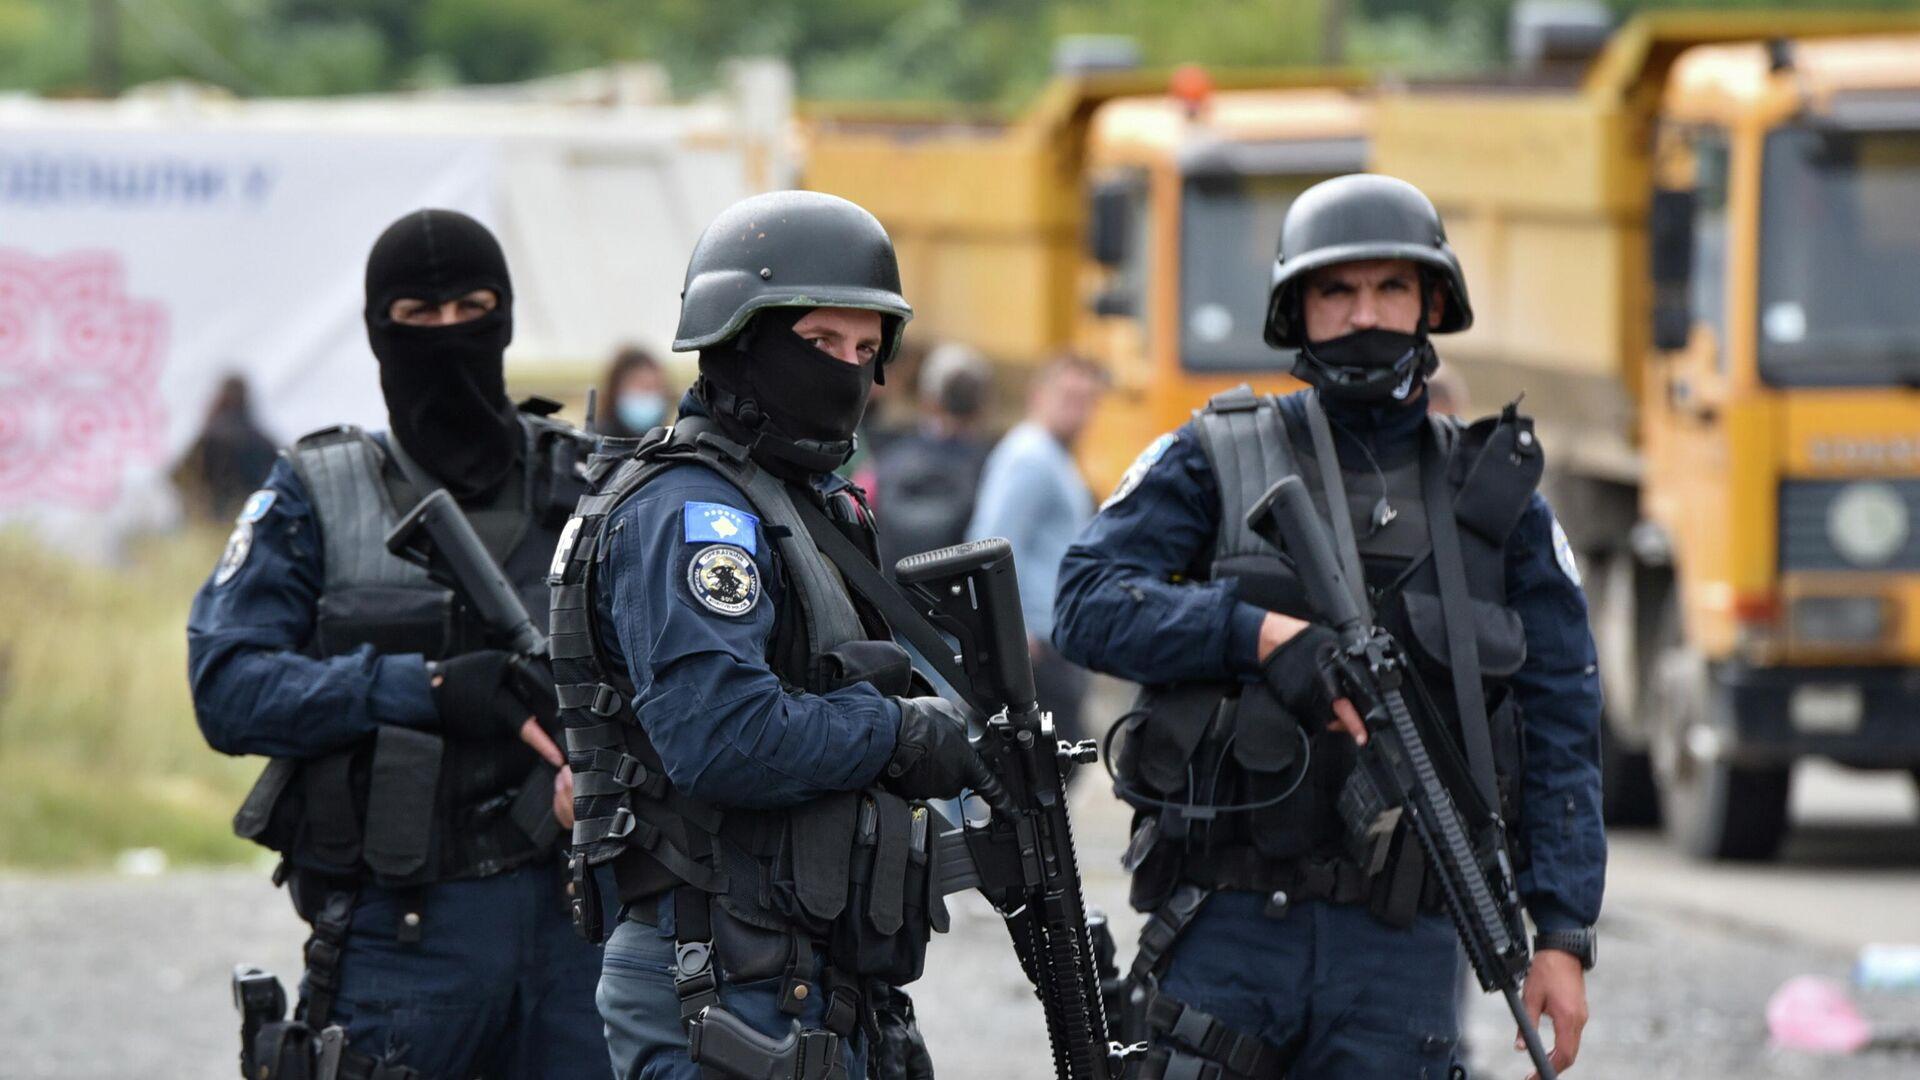 Спецназ полиции Косово во время протеста косовских сербов в Яринье - РИА Новости, 1920, 28.09.2021